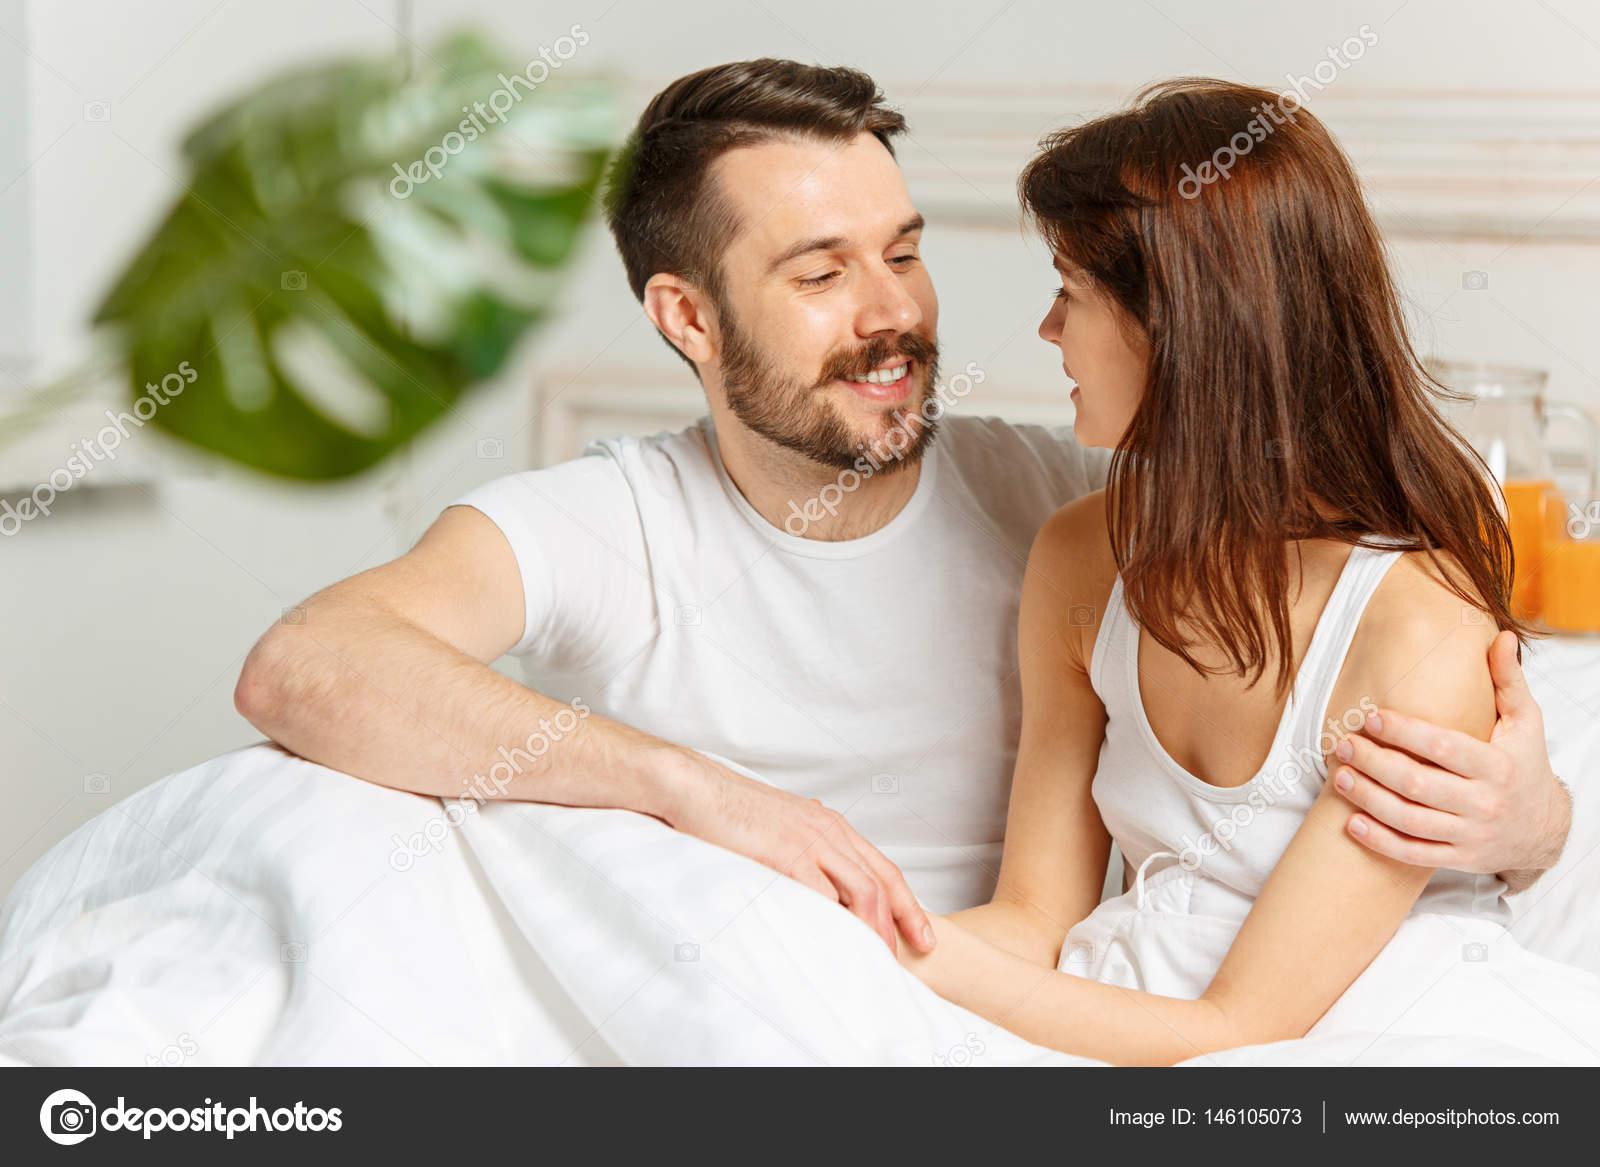 Jong volwassen heteroseksuele koppel liggend op bed in de slaapkamer